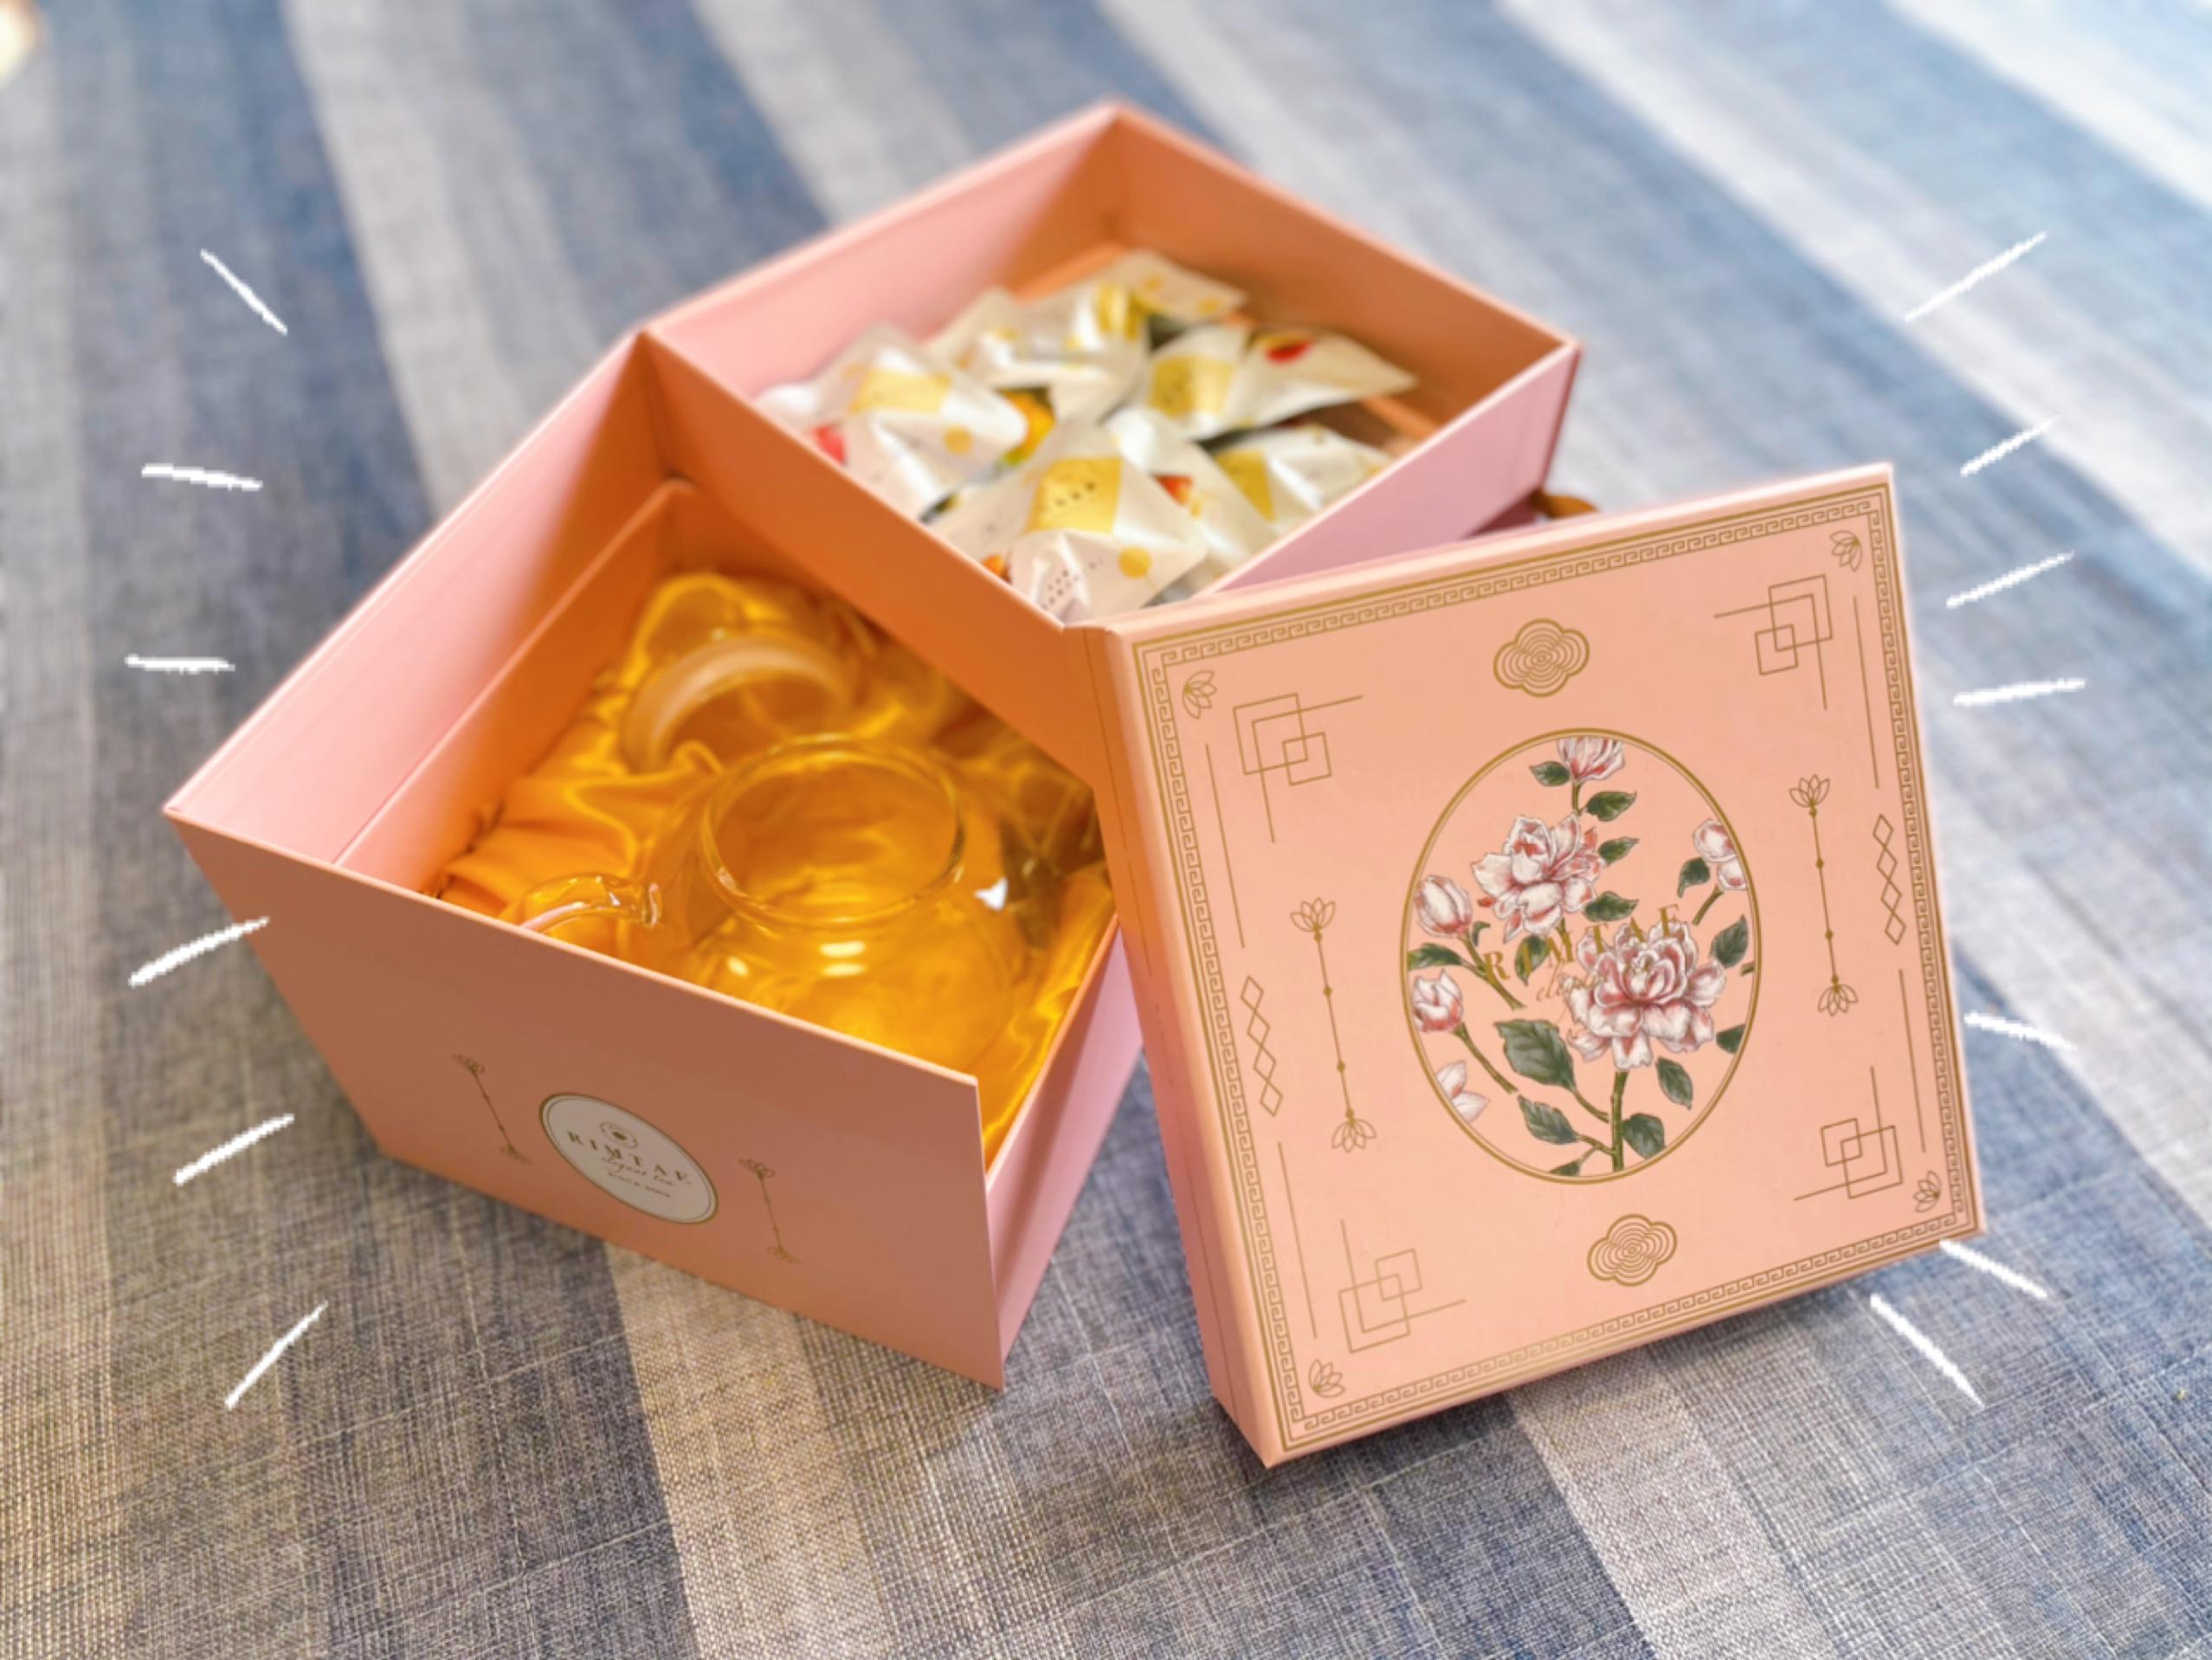 工芸茶の茶葉やガラスティーポットがセットに入っている箱